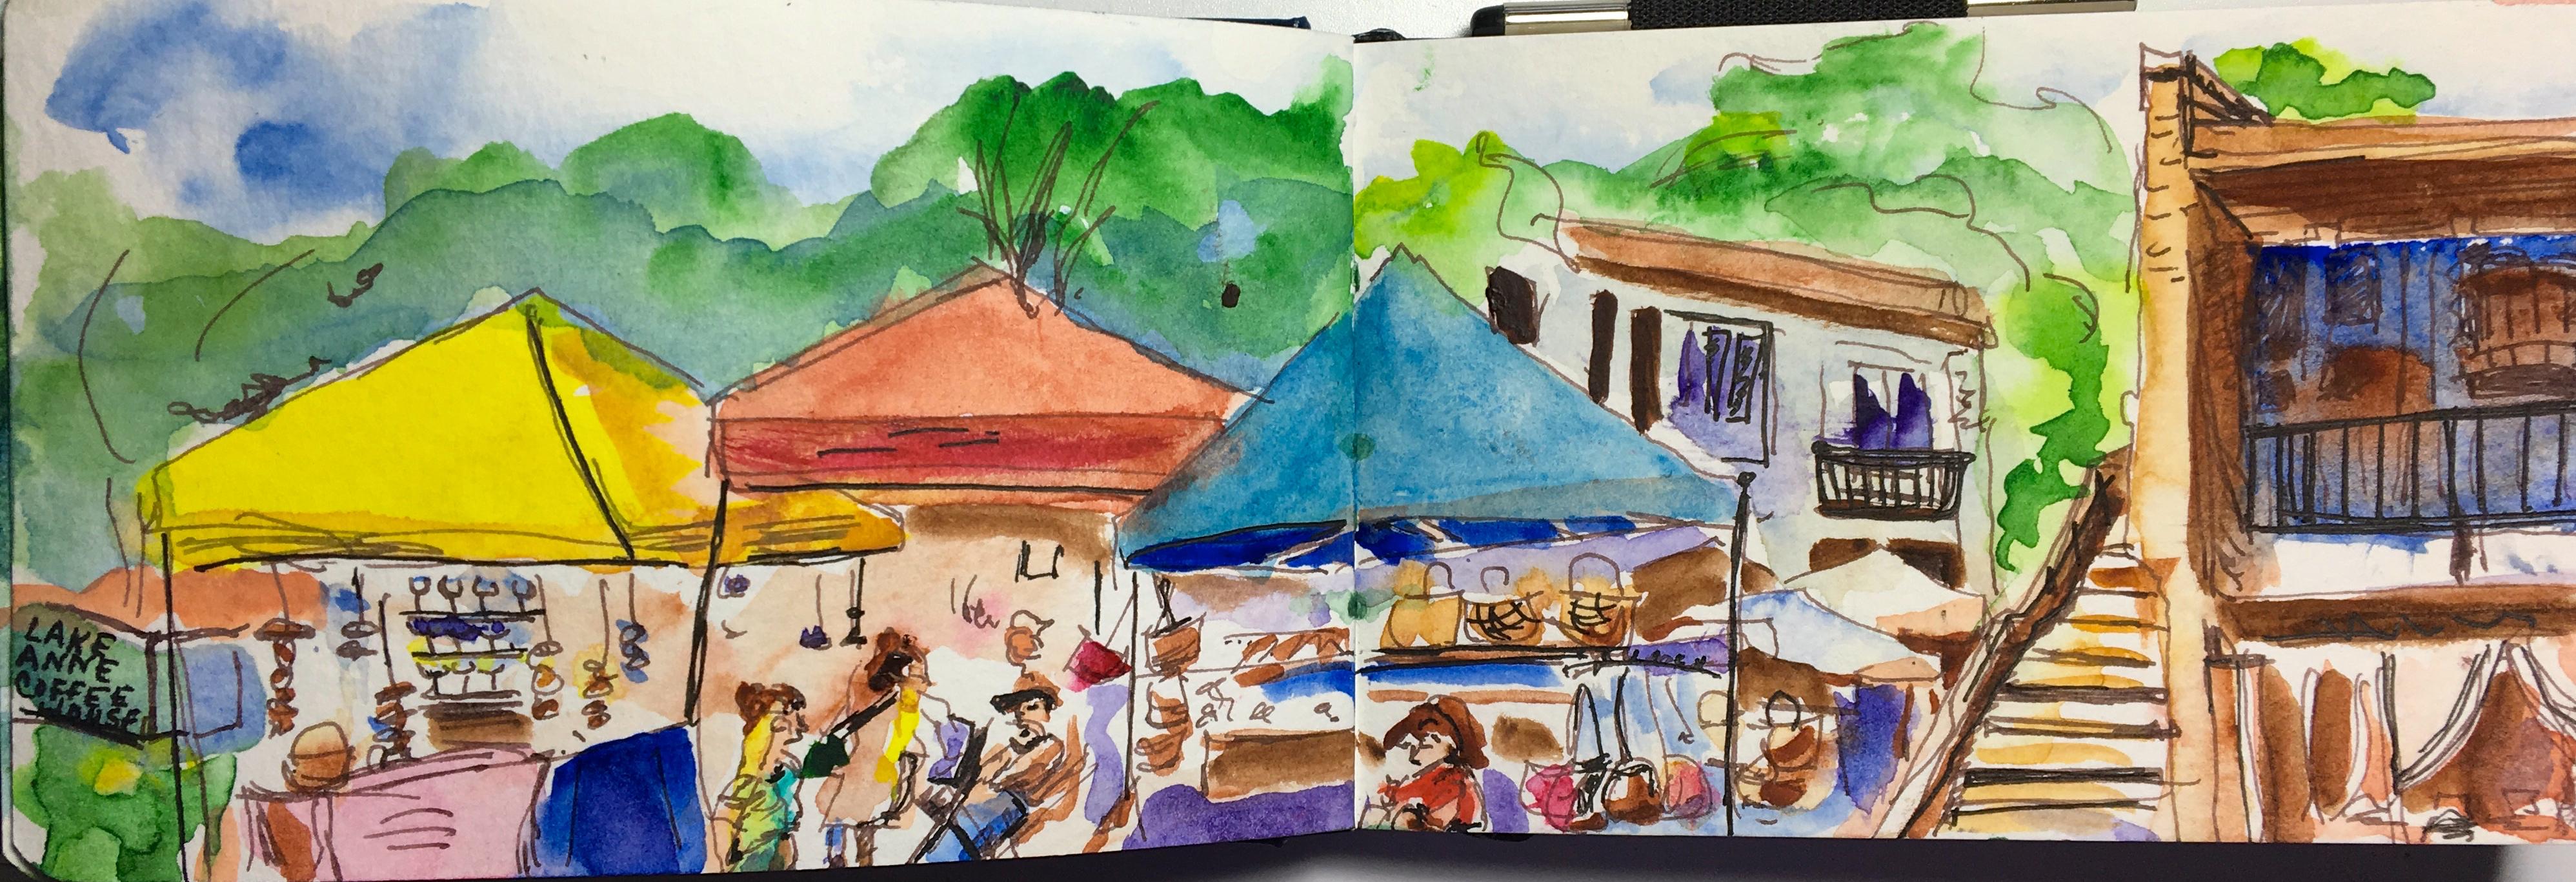 LA market sketch